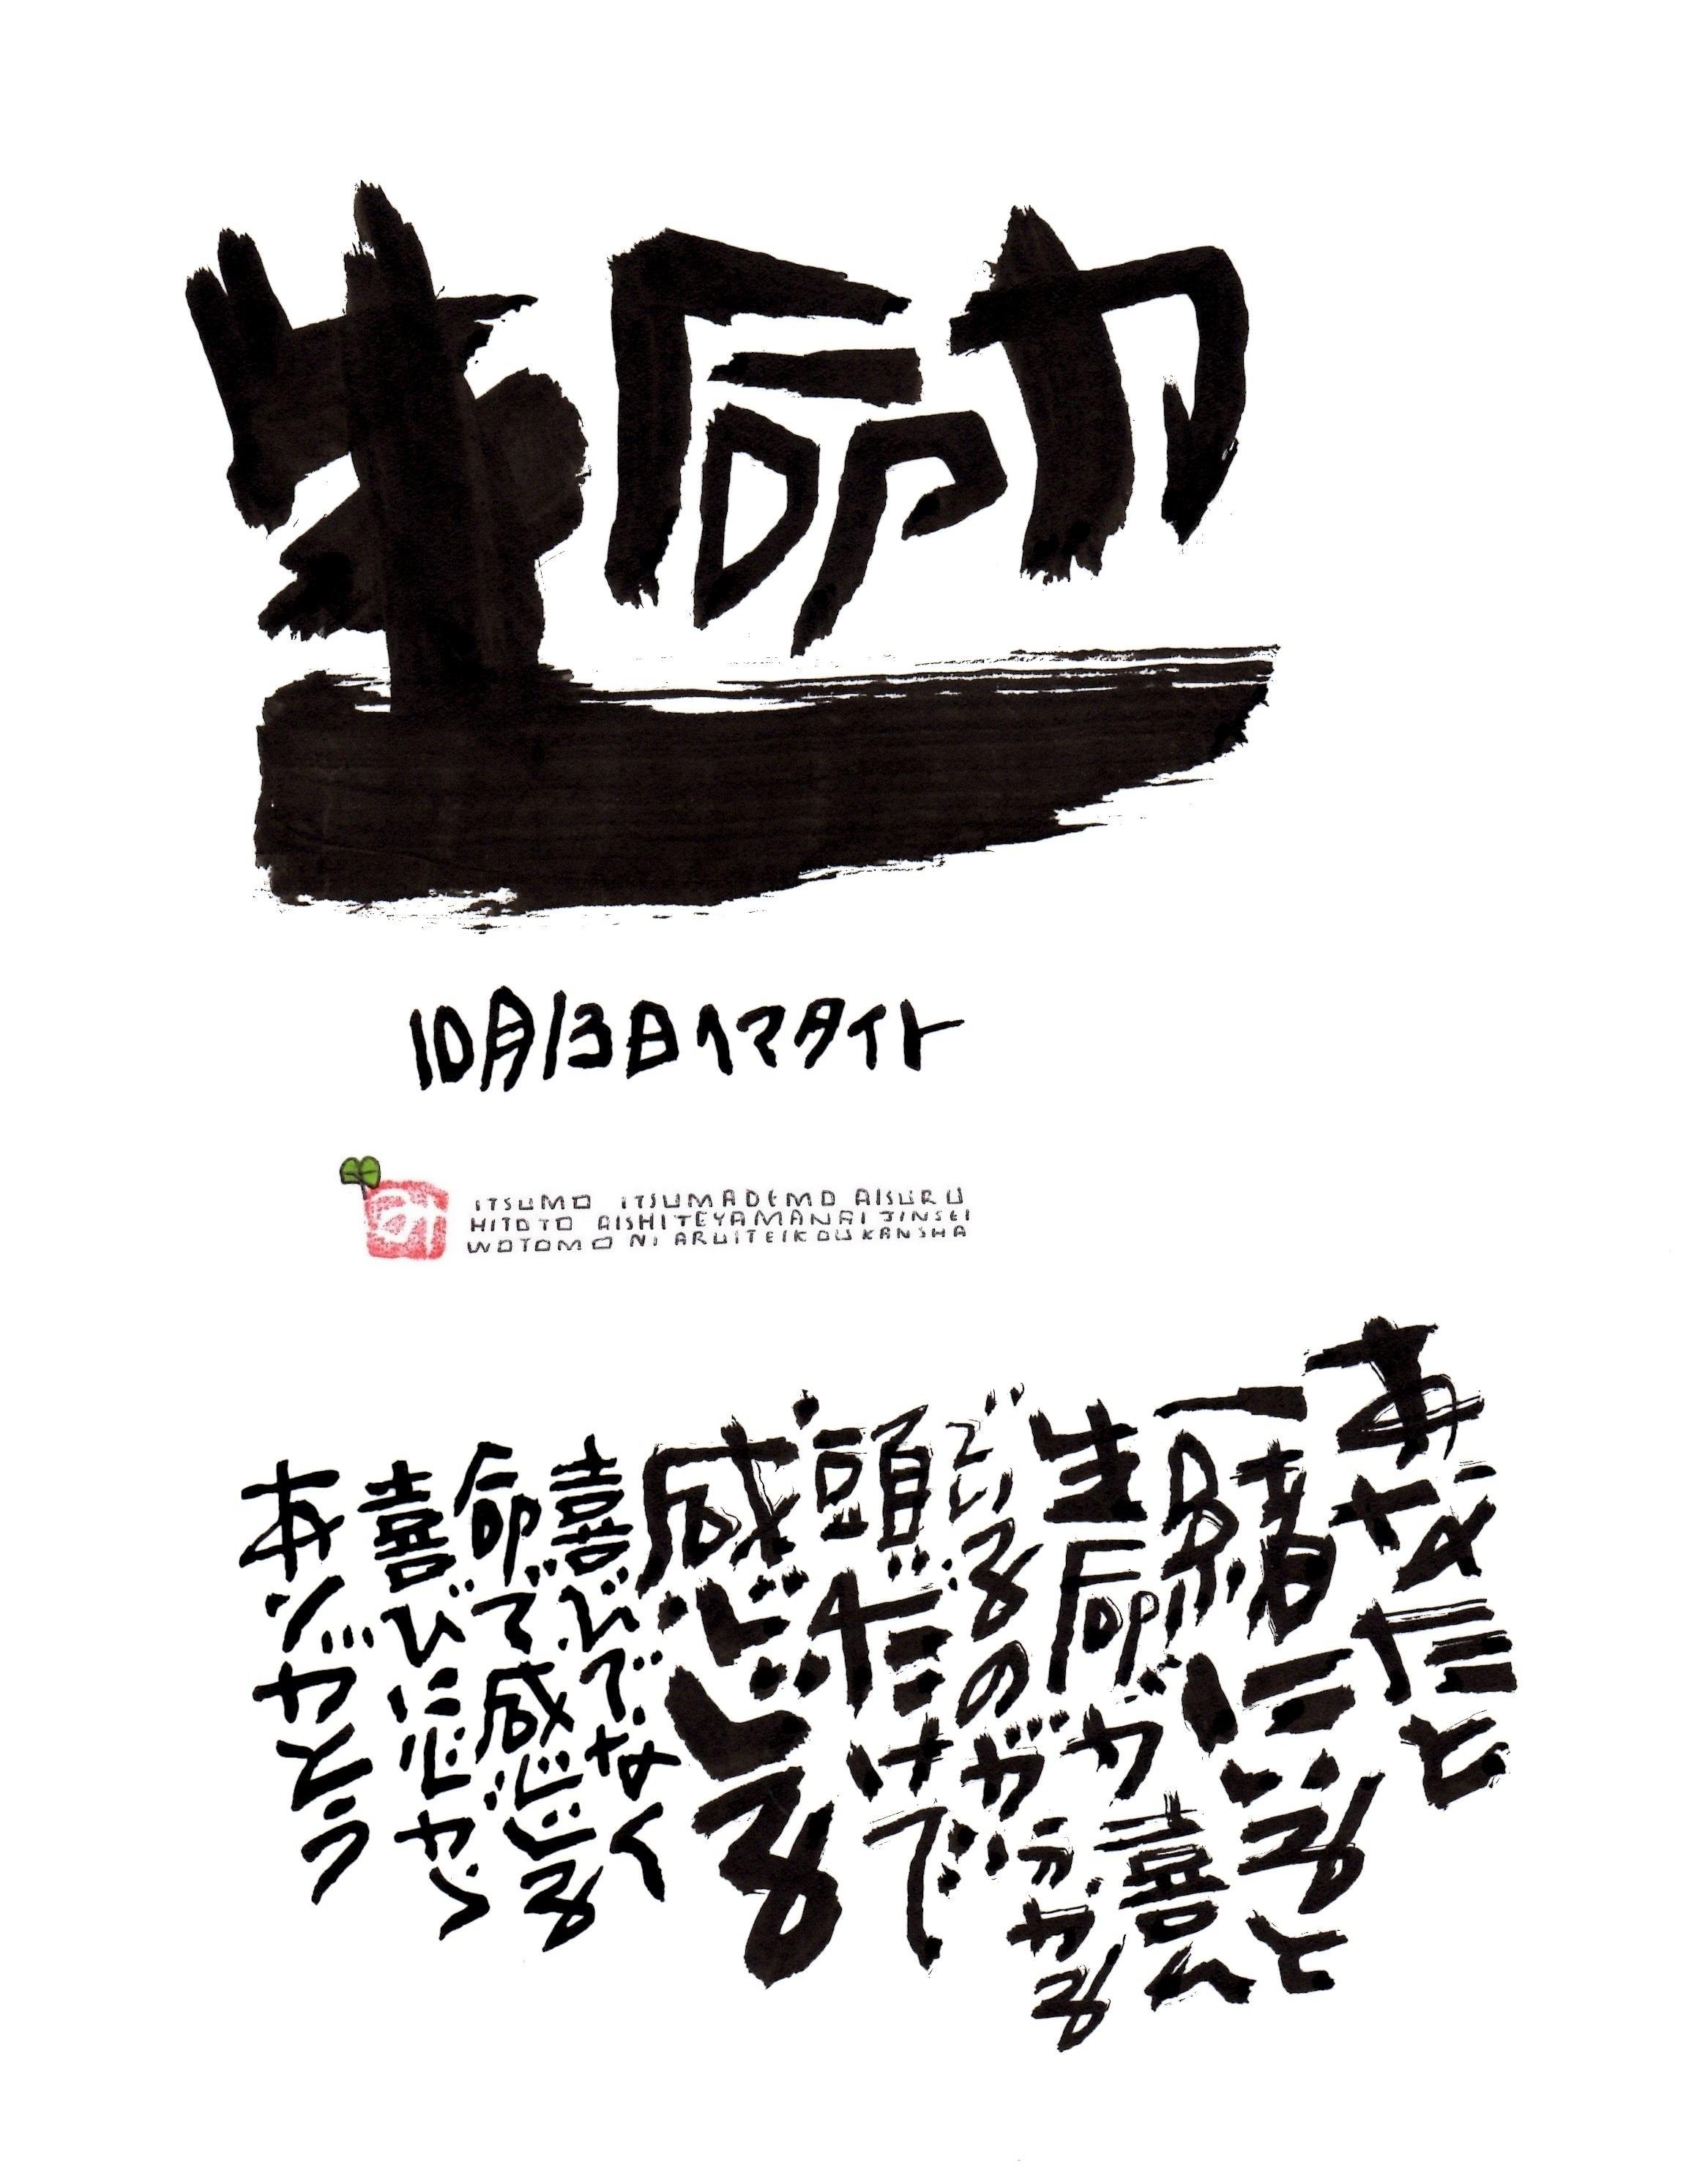 10月13日 結婚記念日ポストカード【生命力】